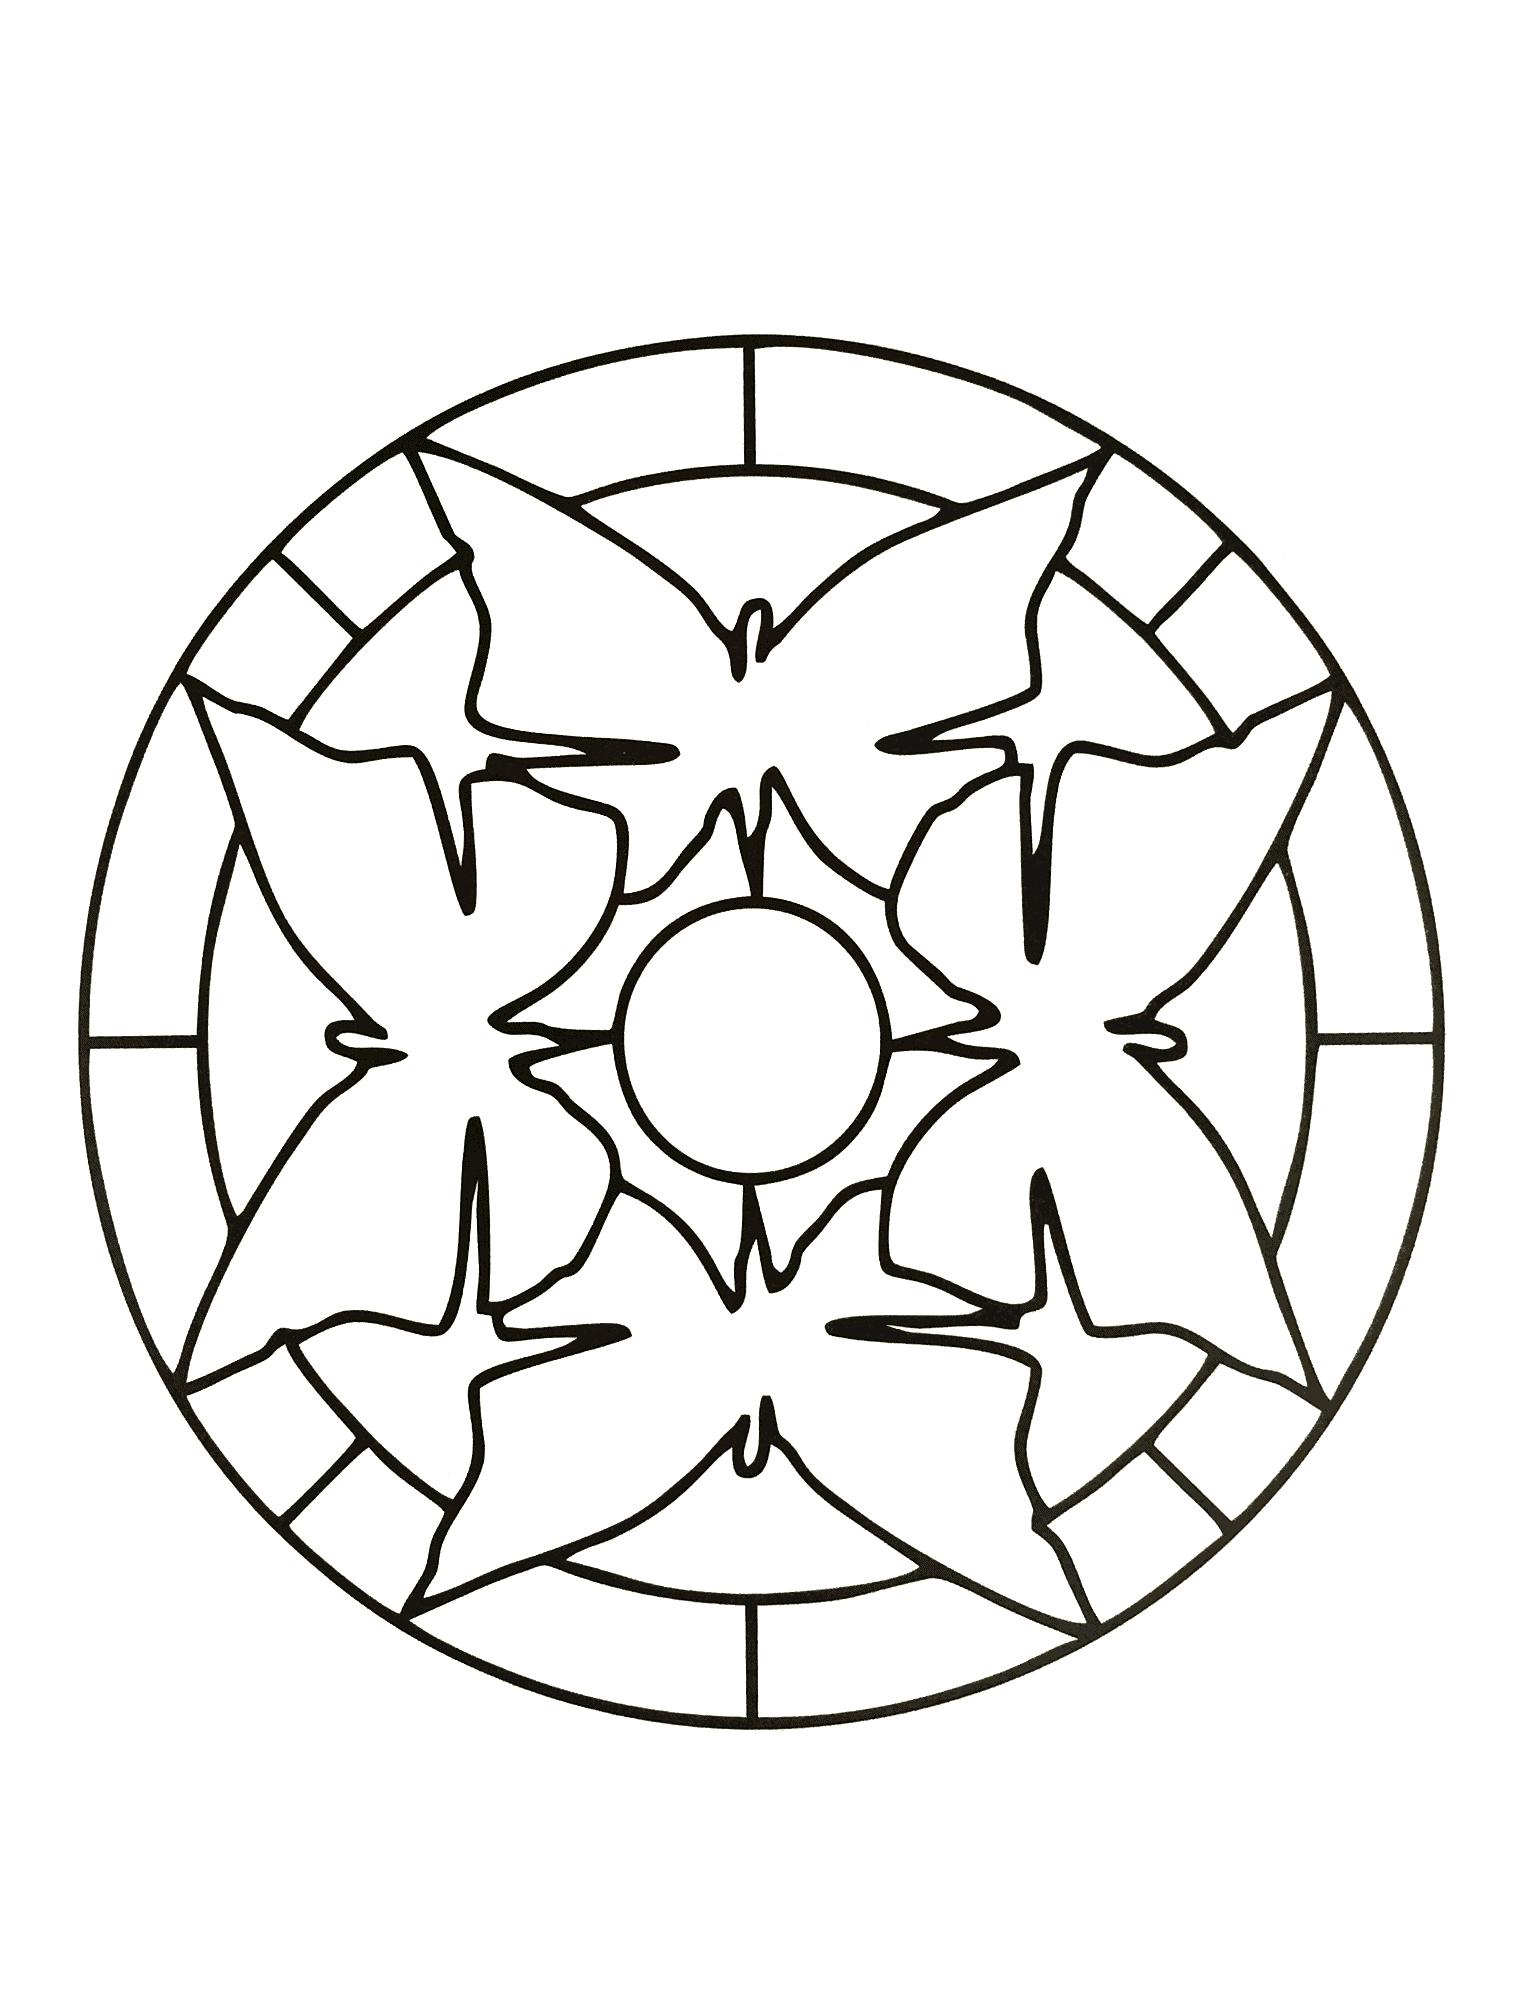 Mandalas A Imprimer Gratuit 9 - Mandalas Faciles (Pour tout Mandala Facile À Imprimer